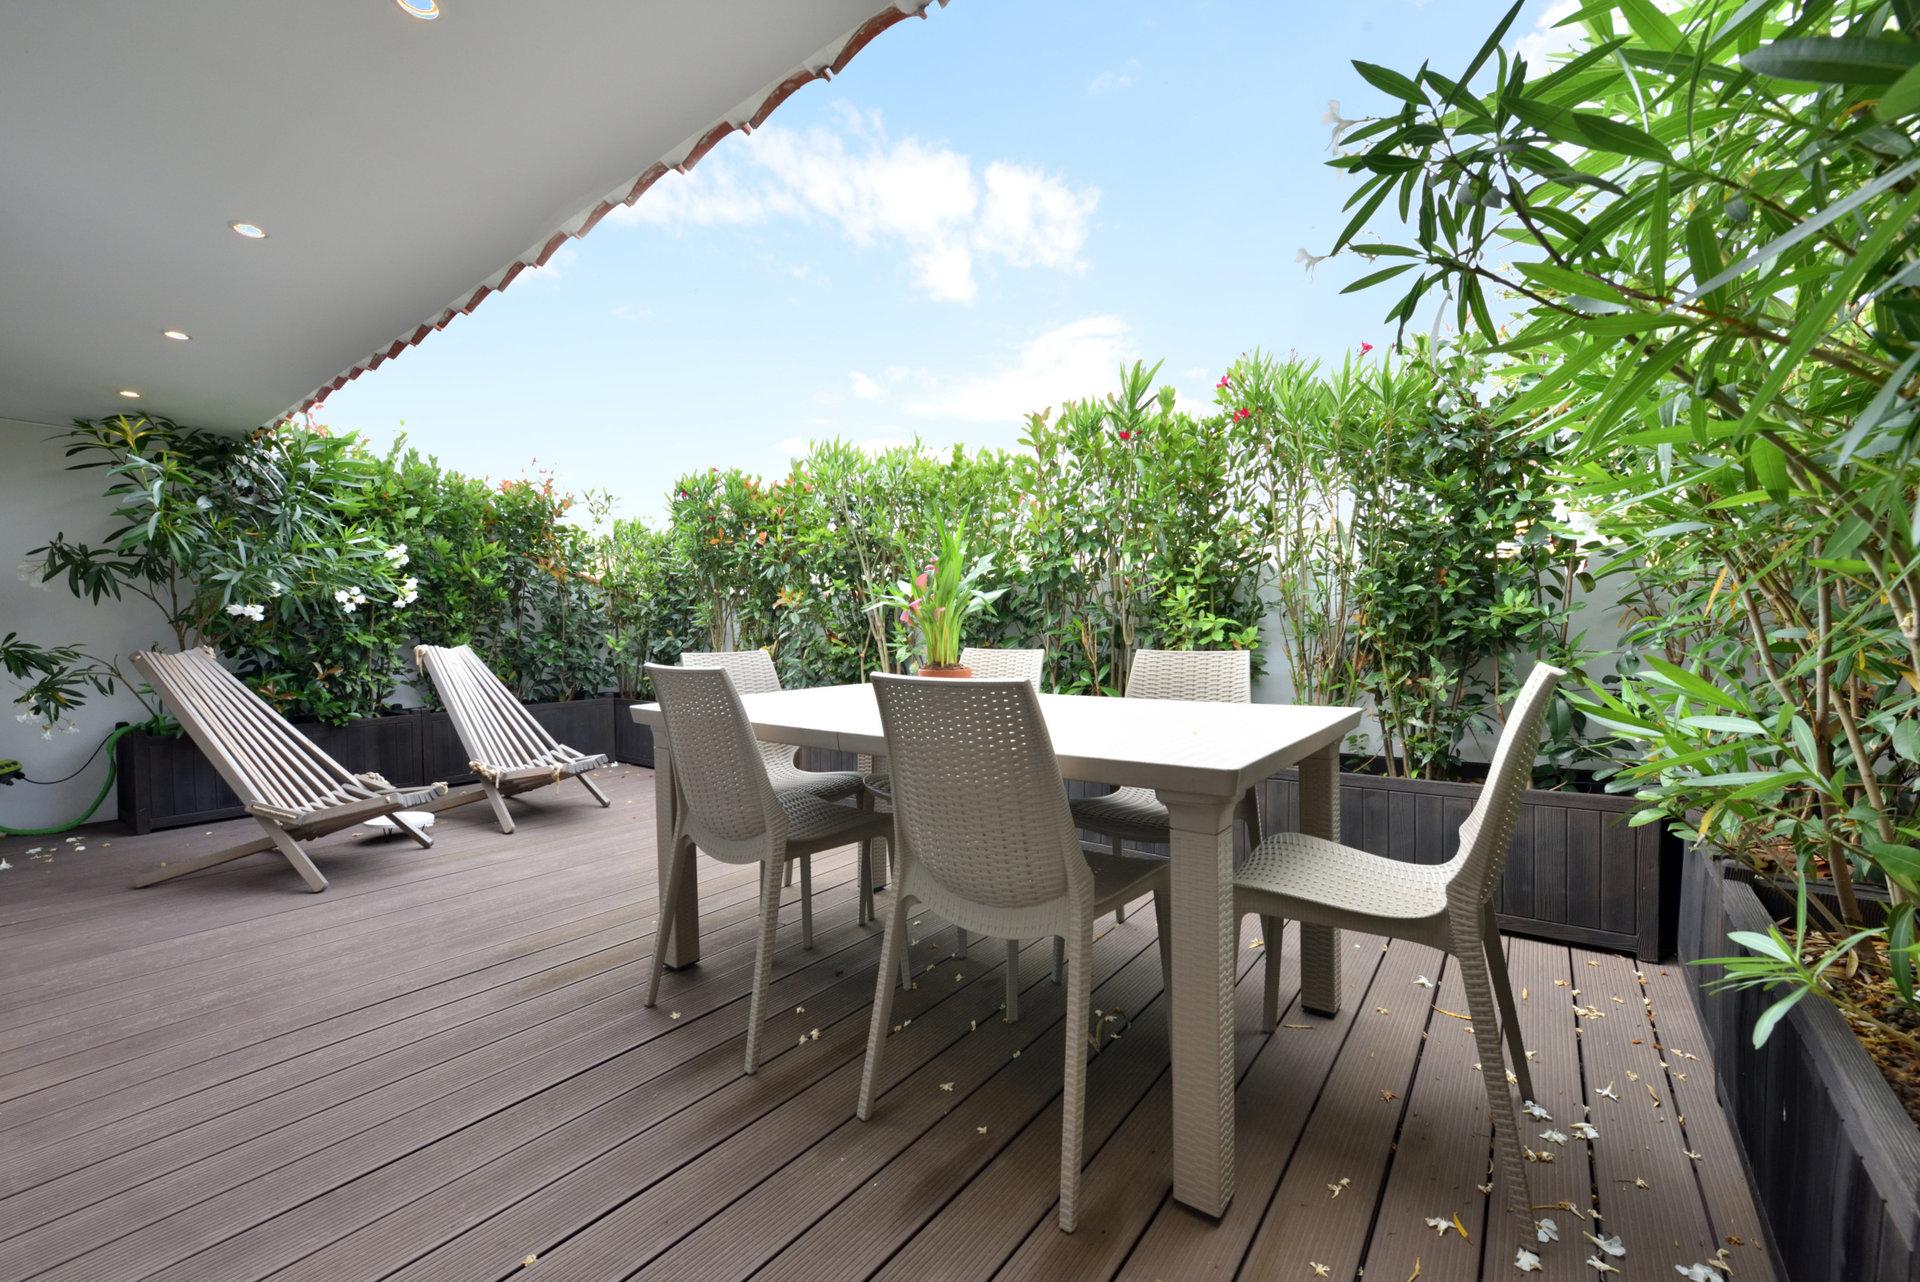 Verkauf Wohnung - Cannes Banane